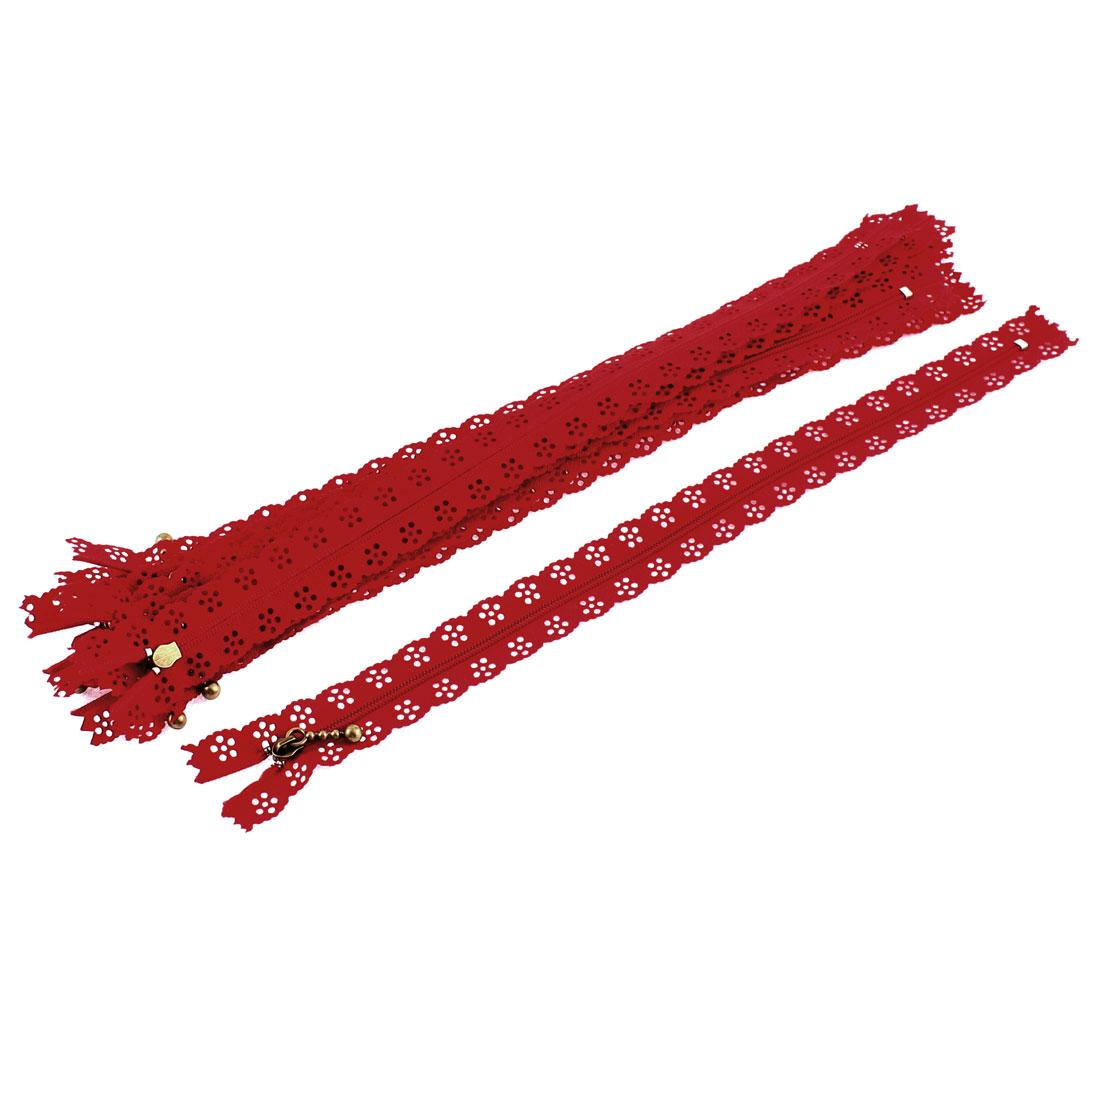 10 Pcs Red Lace Edged Zip Closed End Zipper 30cm Long